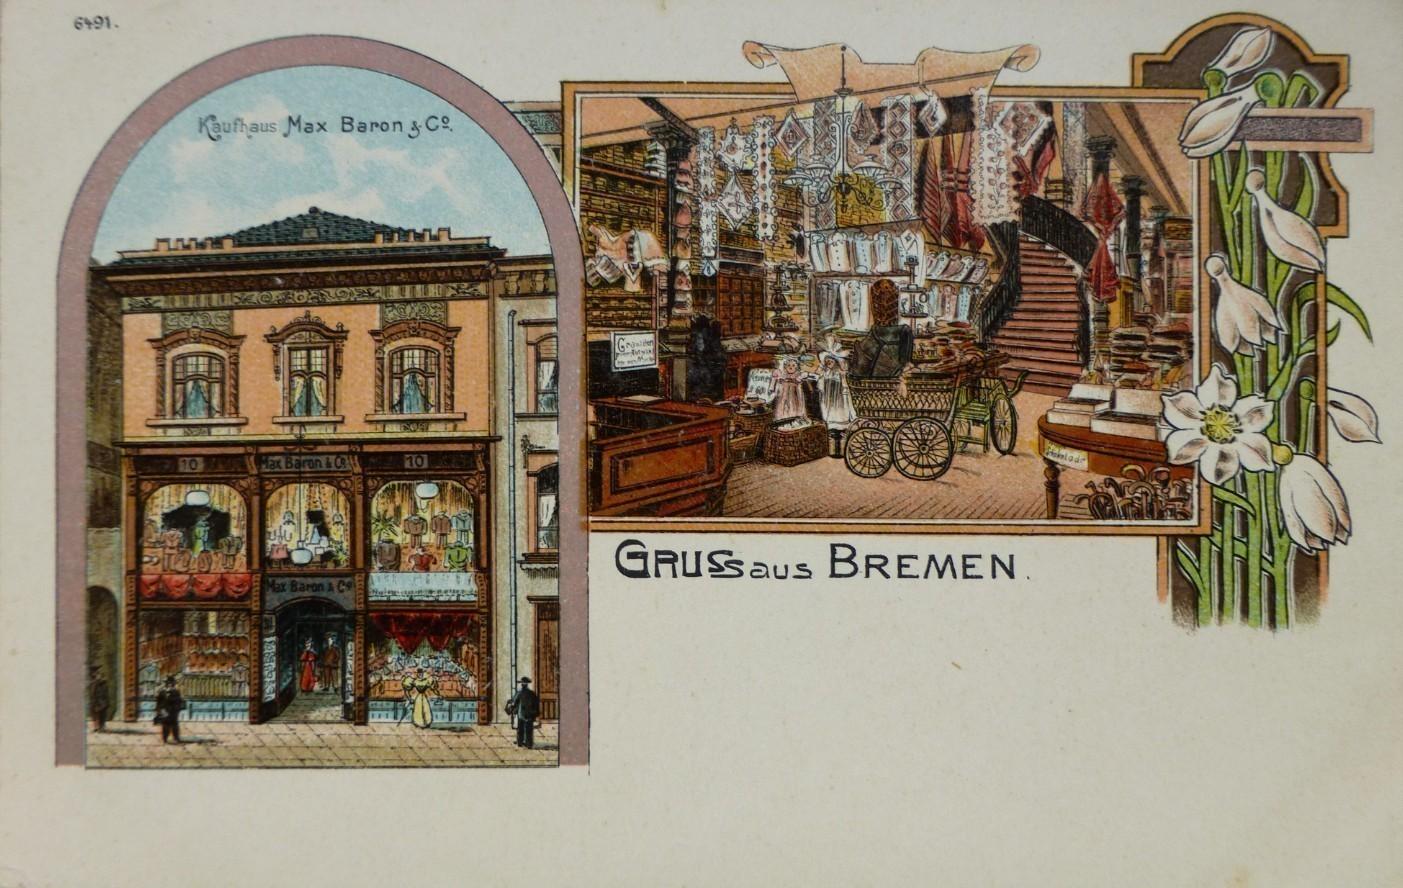 Eine Ansichtskarte, die tief blicken lässt: das Kaufhaus Max Baron an der Obernstraße 10. Quelle: Peter Strotmann